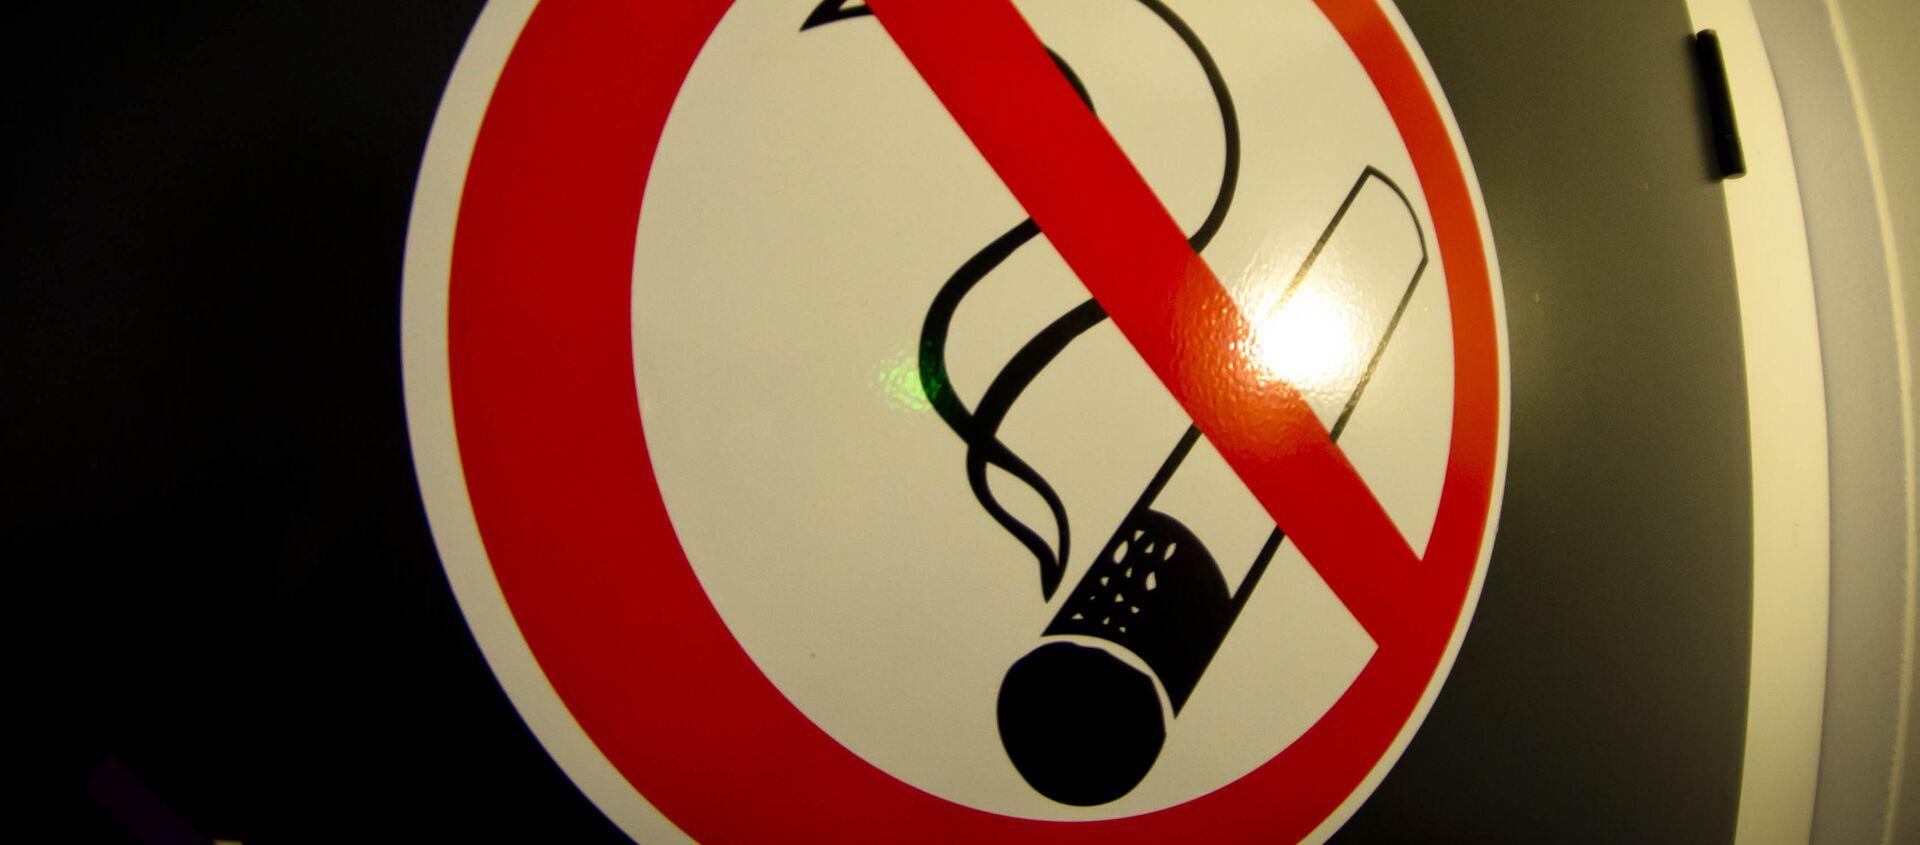 Un señal de No fumar  - Sputnik Mundo, 1920, 28.08.2020